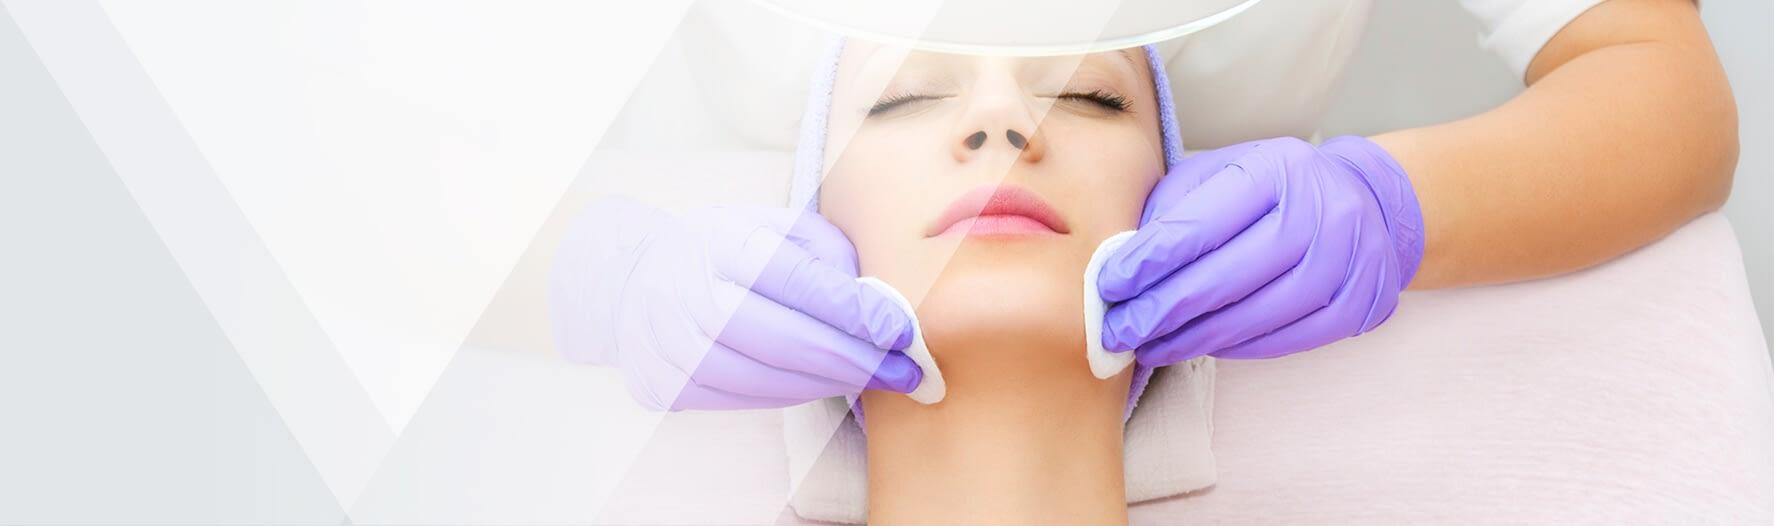 Dermatólogo Pilar Torres - Limpieza facial